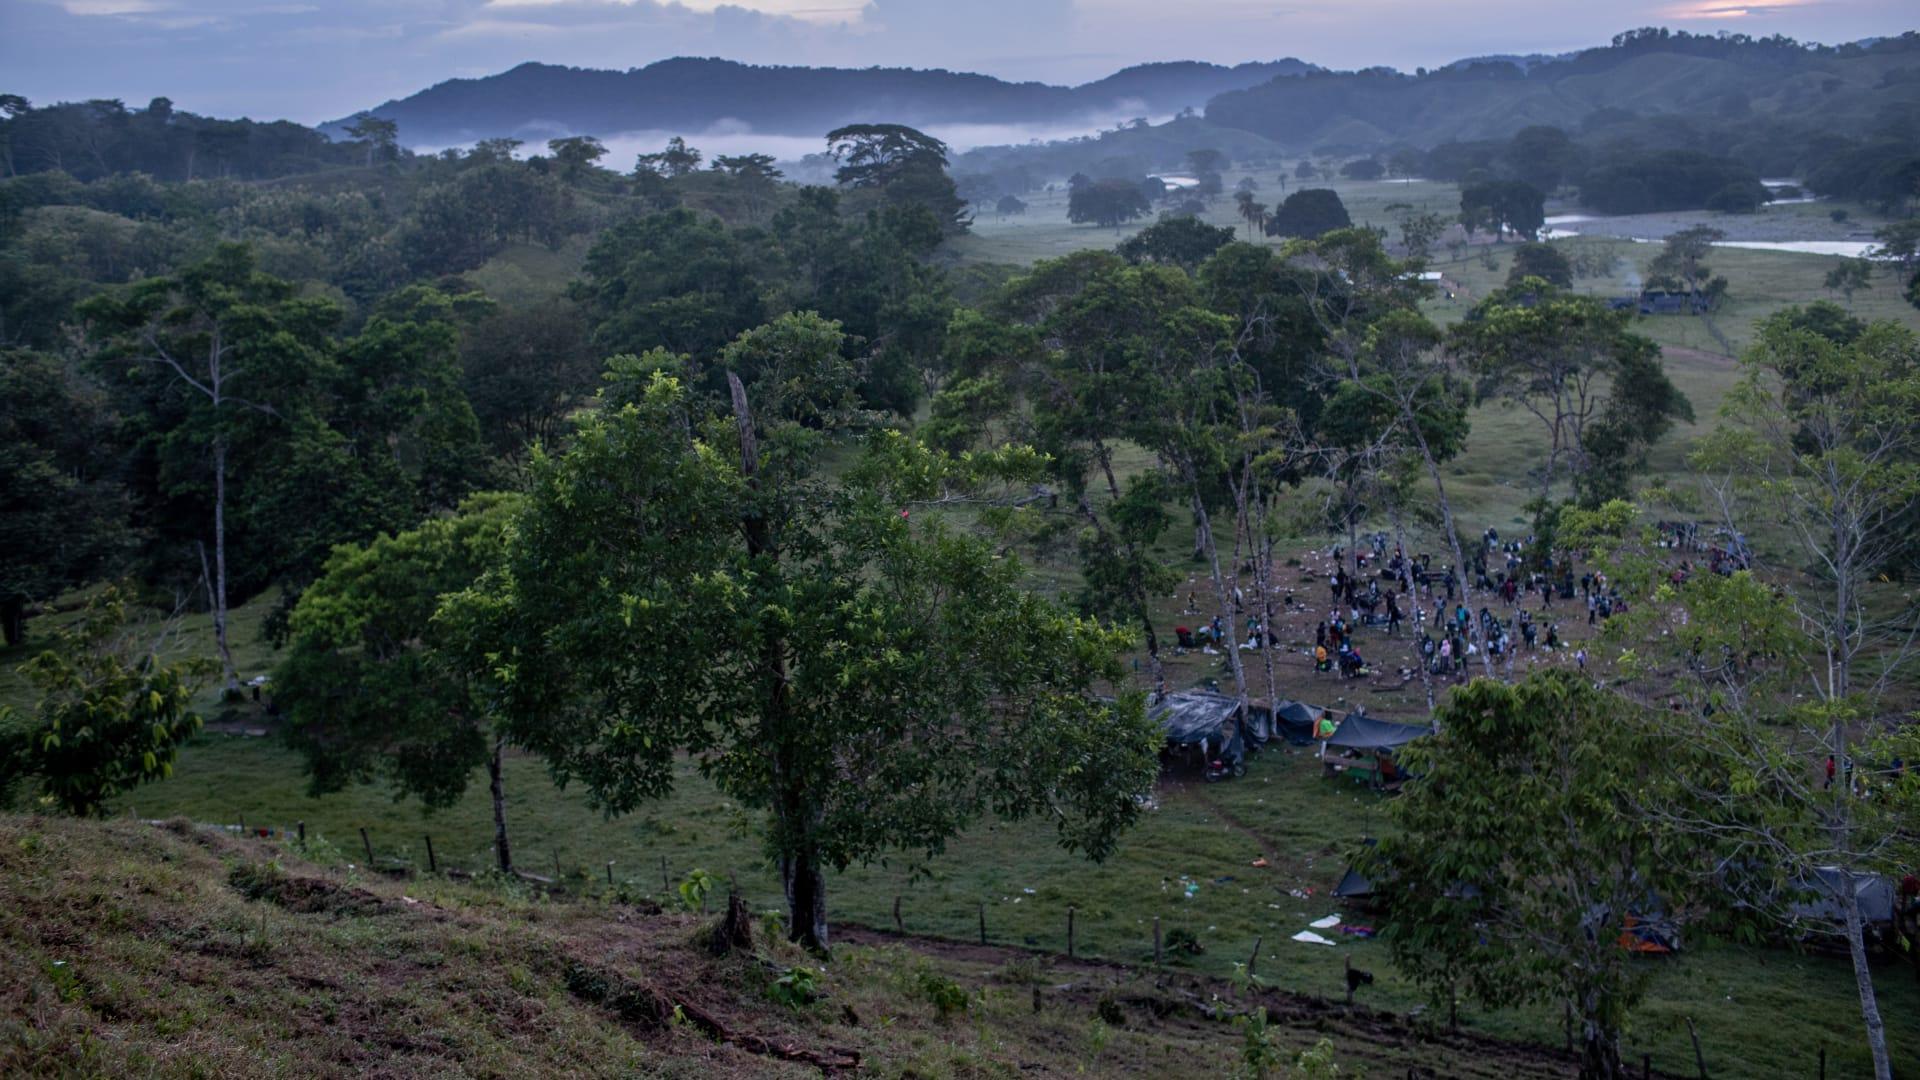 ما نعرفه عن اختطاف 17 مبشرا على يد عصابة في هايتي